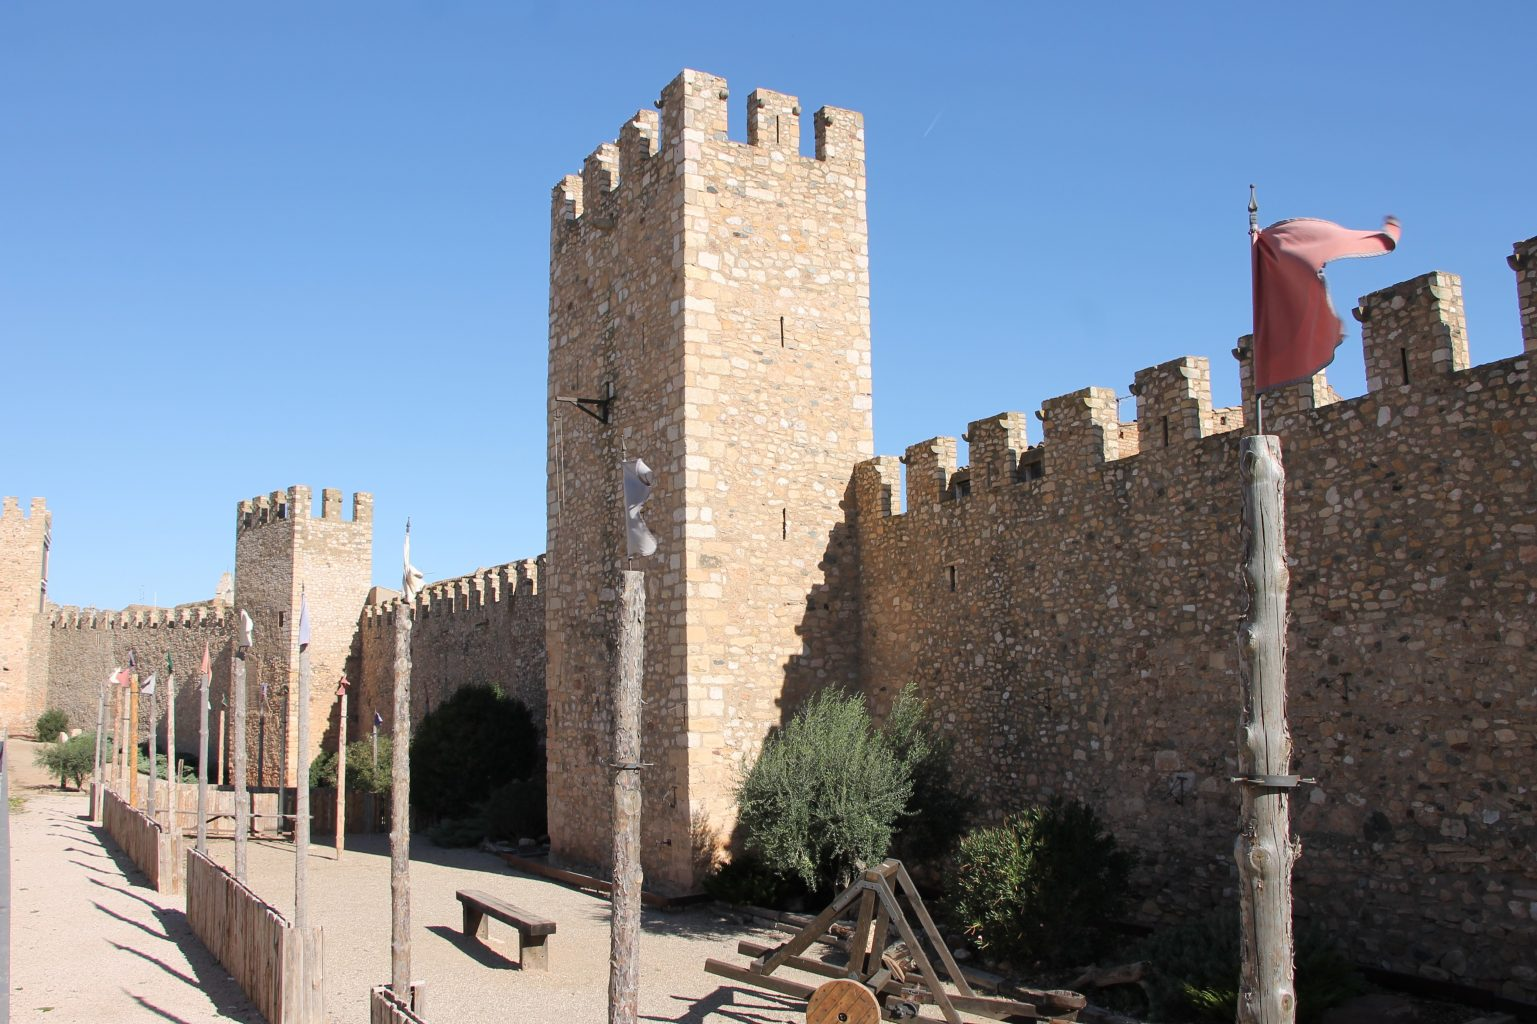 Montblanc Spanien Stadtmauer